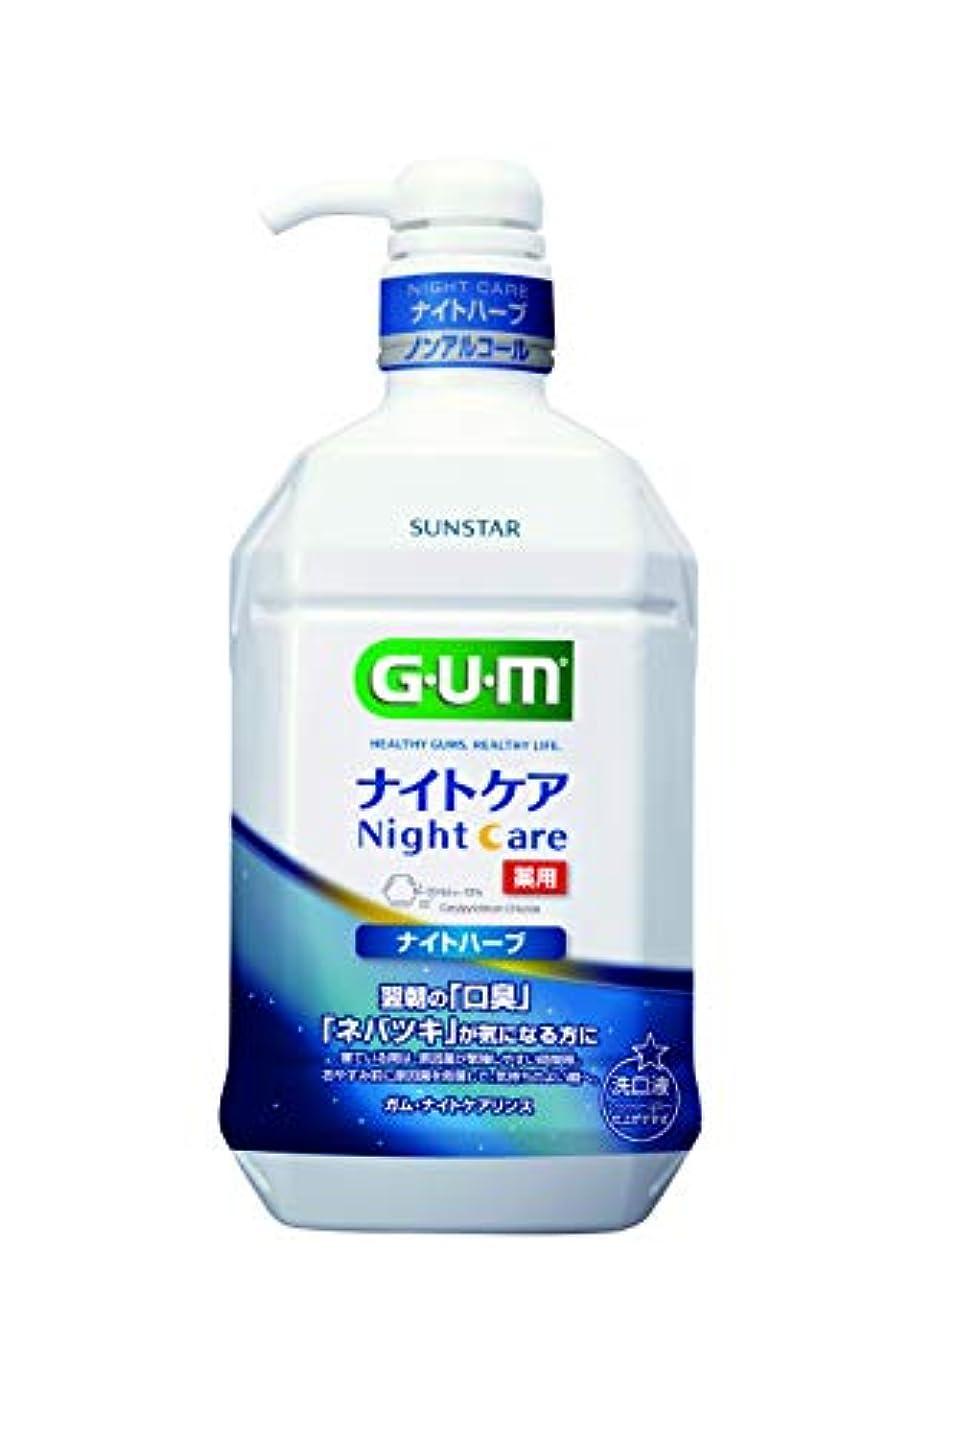 カエルクローンゴミ箱GUM(ガム) ガム?デンタルリンスナイトケア(ナイトハーブタイプ) 単品 900ML